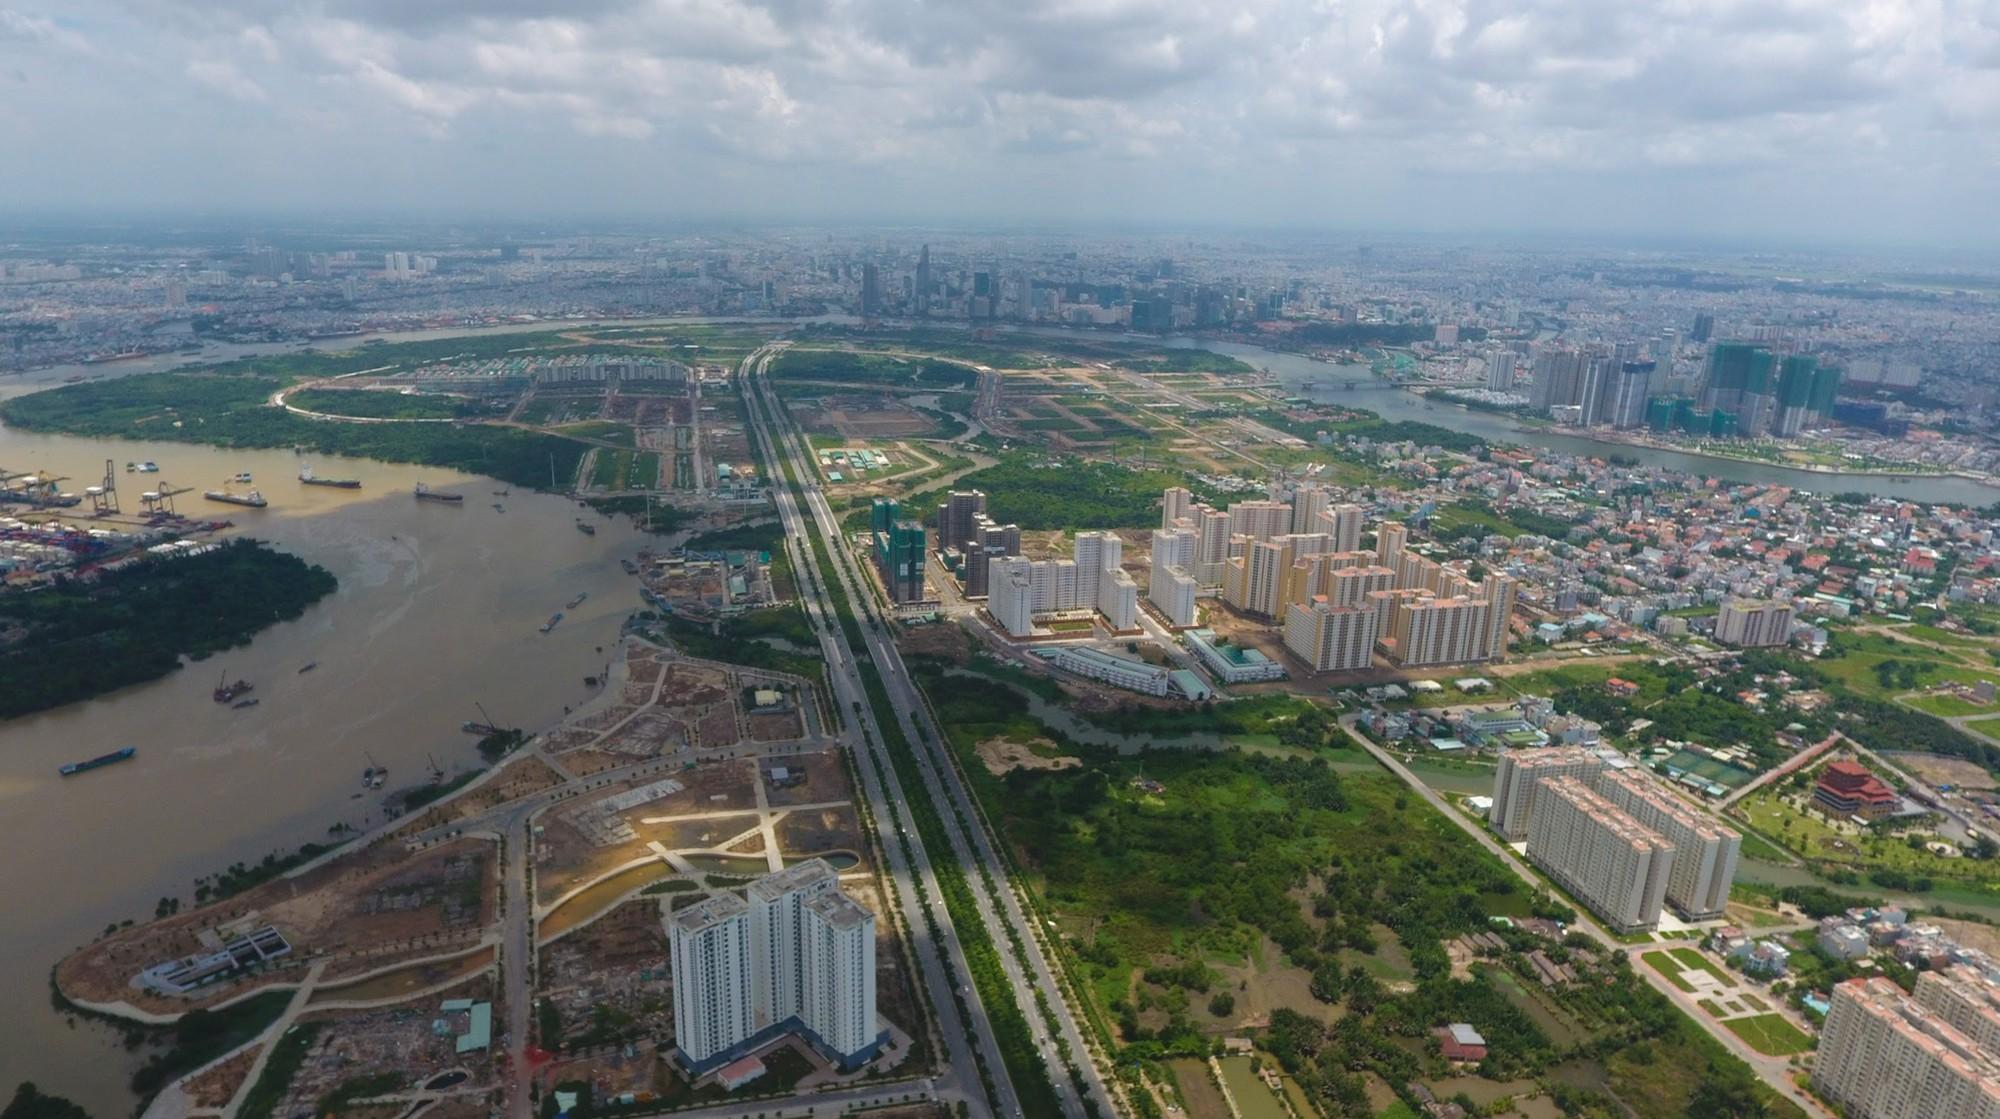 Diện mạo bán đảo Thủ Thiêm - khu đô thị đẹp nhất Sài Gòn nhìn từ trên cao - Ảnh 1.